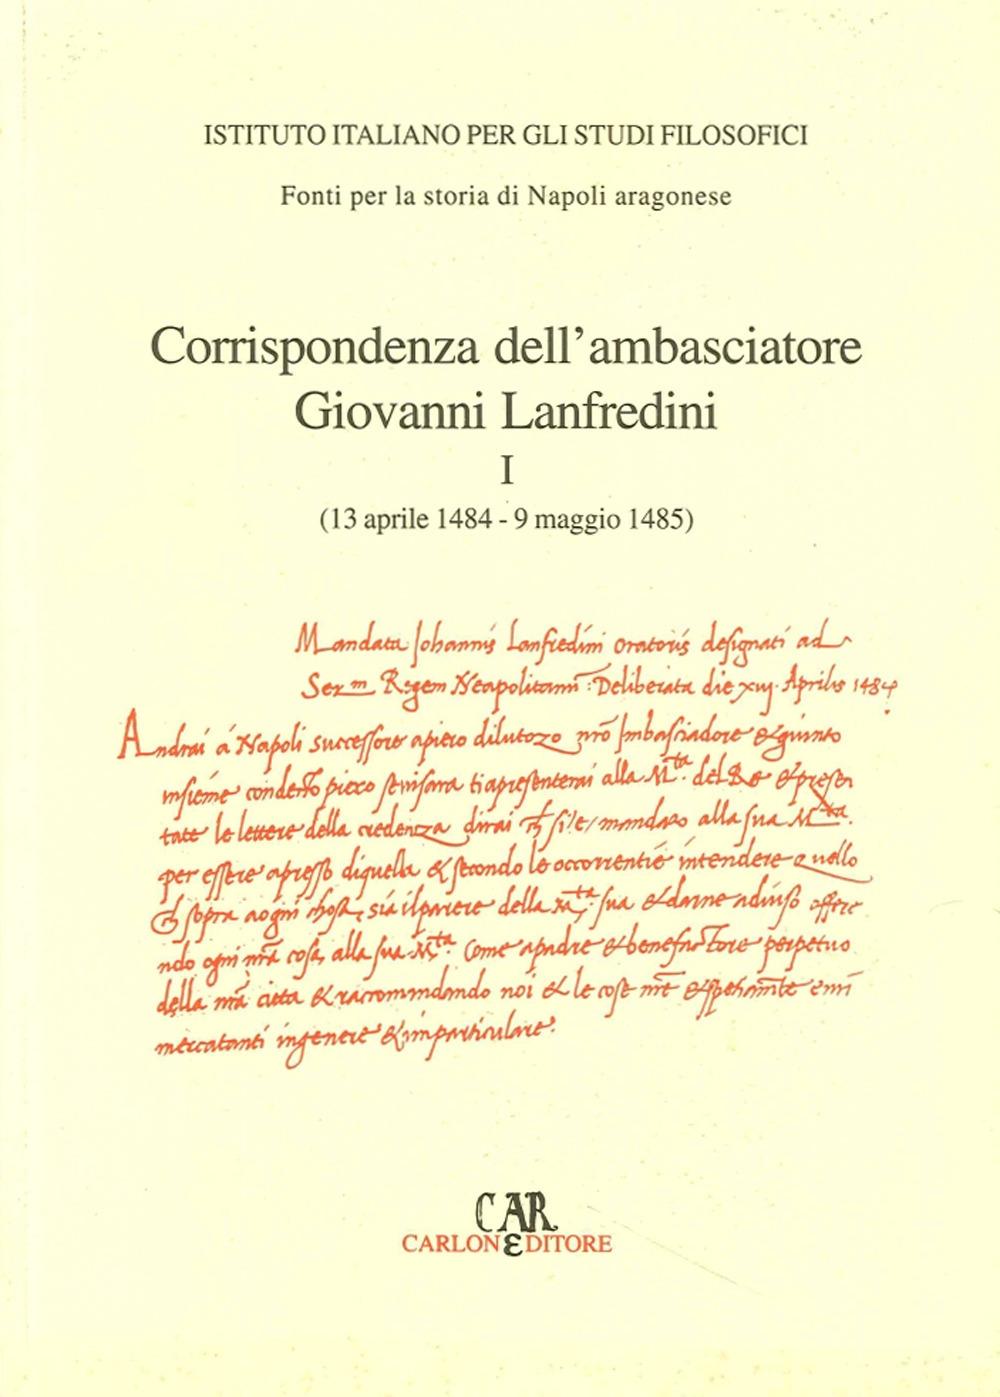 Corrispondenza degli ambasciatori fiorentini a Napoli. Vol. 1. Corrispondenza dell'ambasciatore Giovanni Lanfredini (13 aprile 1484-9 maggio 1485)